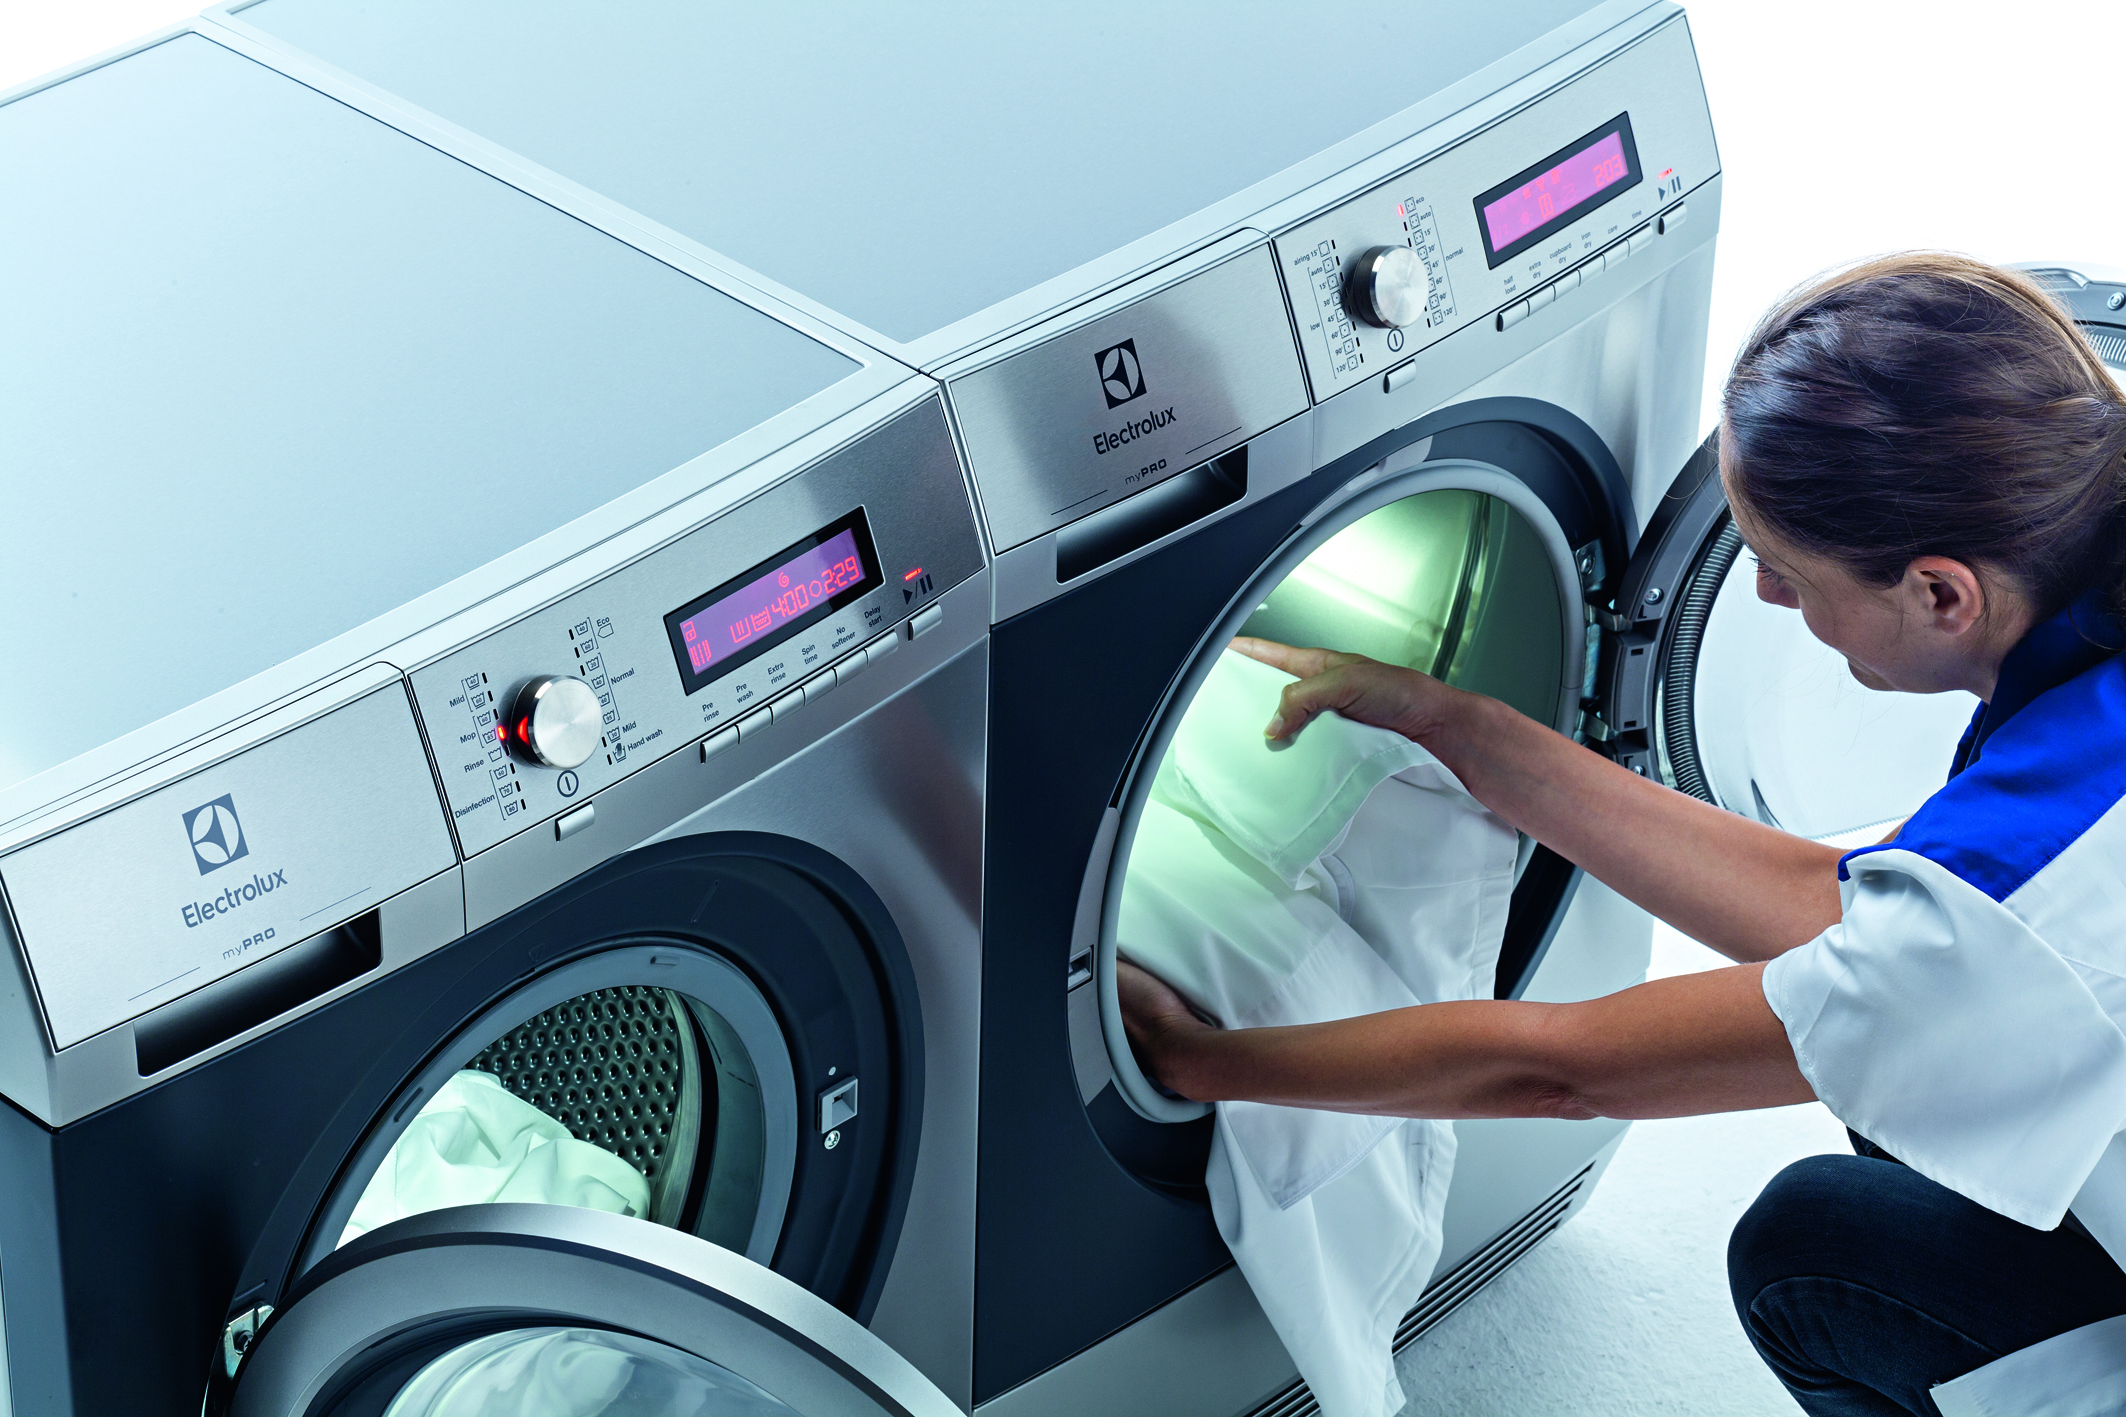 Eine Mitarbeiterin befüllt eine Profi-Waschmaschine